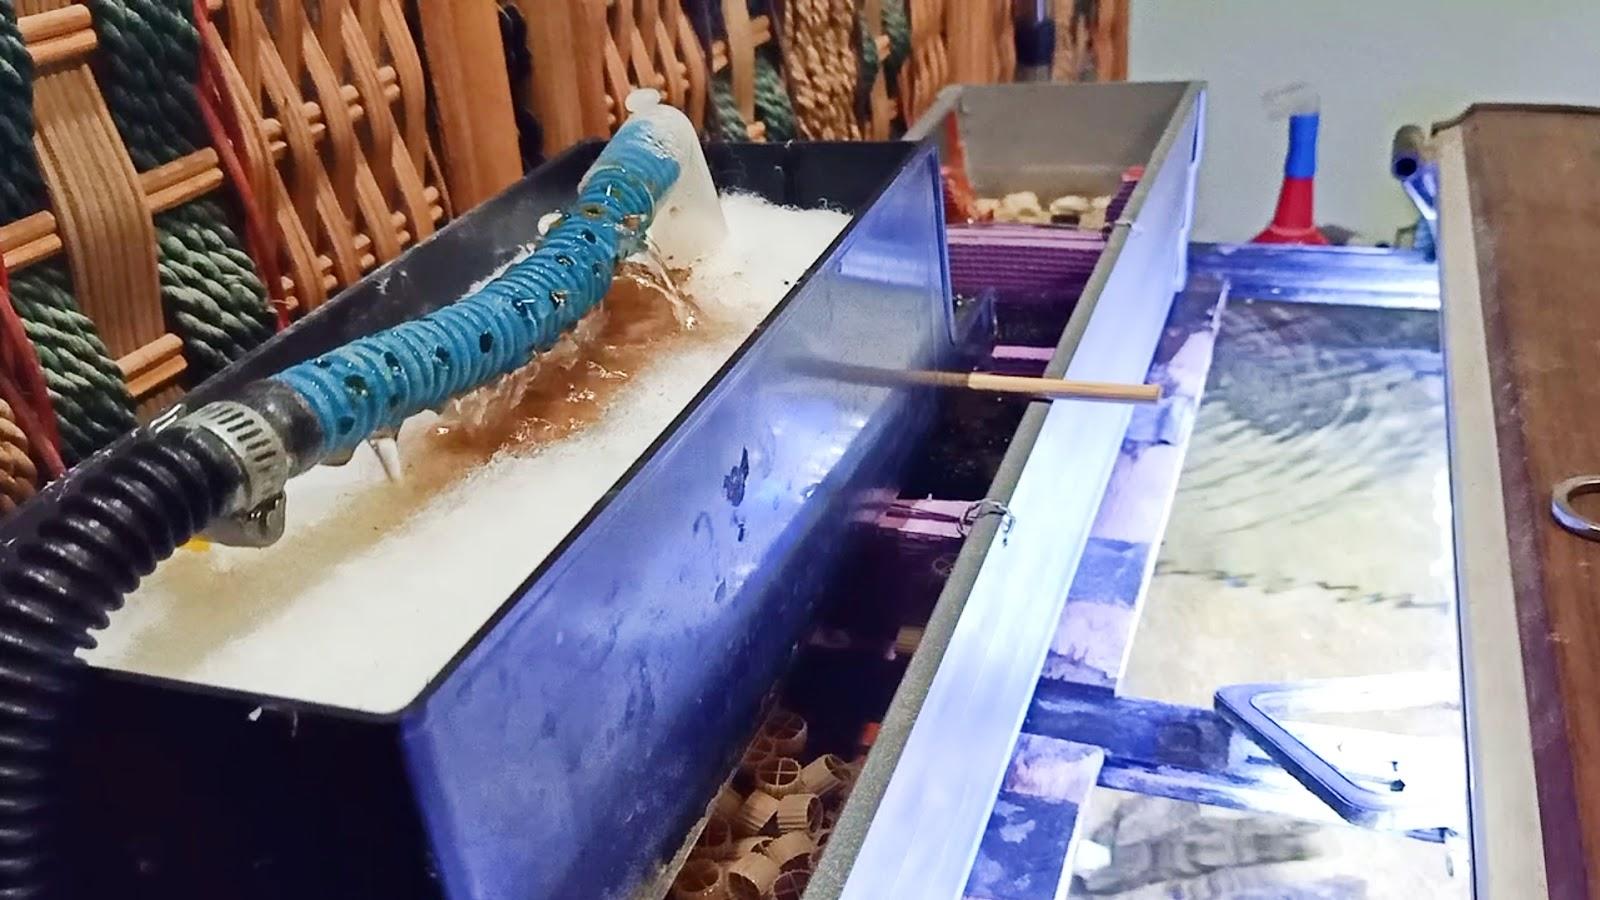 Susunan Isi Box Filter Aquarium Unsur